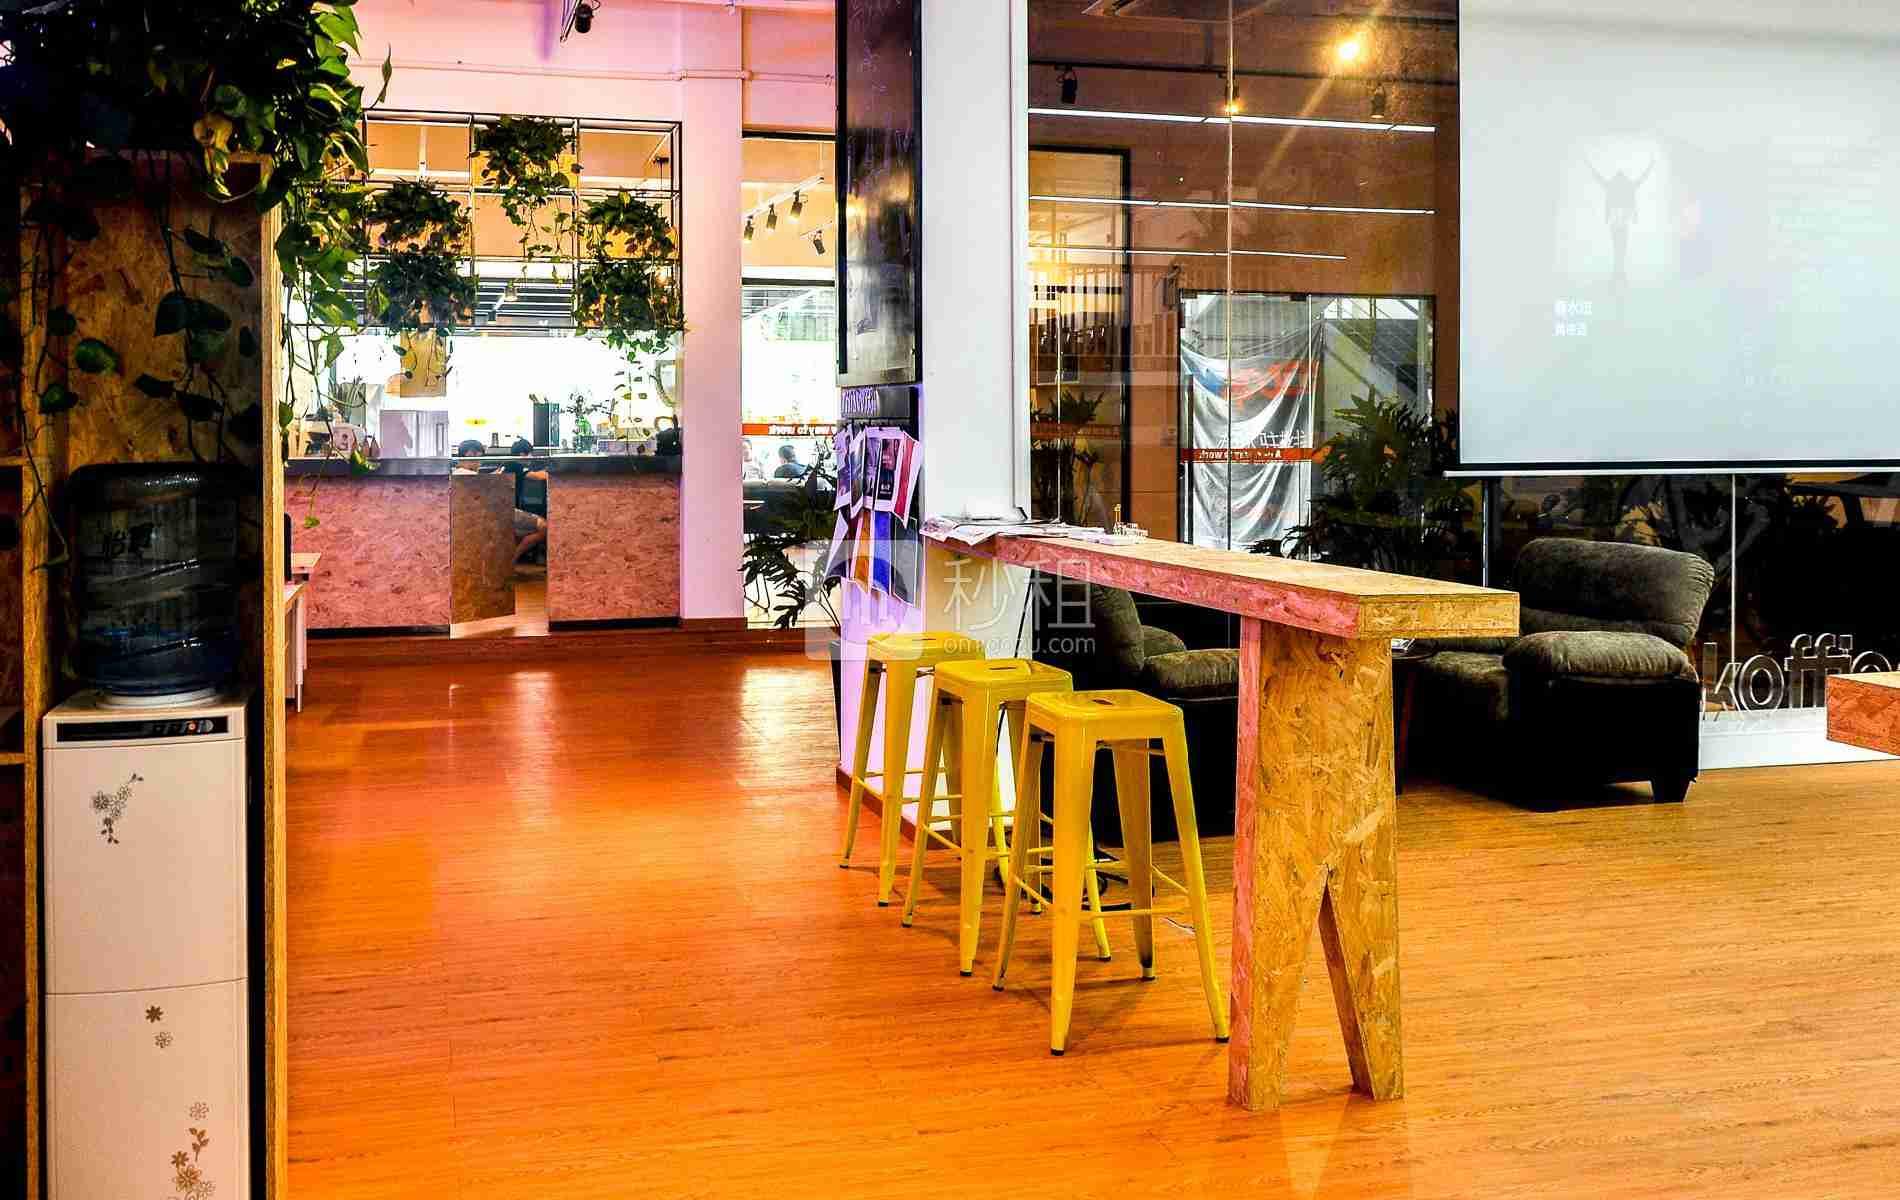 Linkspace轻轻办咖啡写字楼出租/招租/租赁,Linkspace轻轻办咖啡办公室出租/招租/租赁